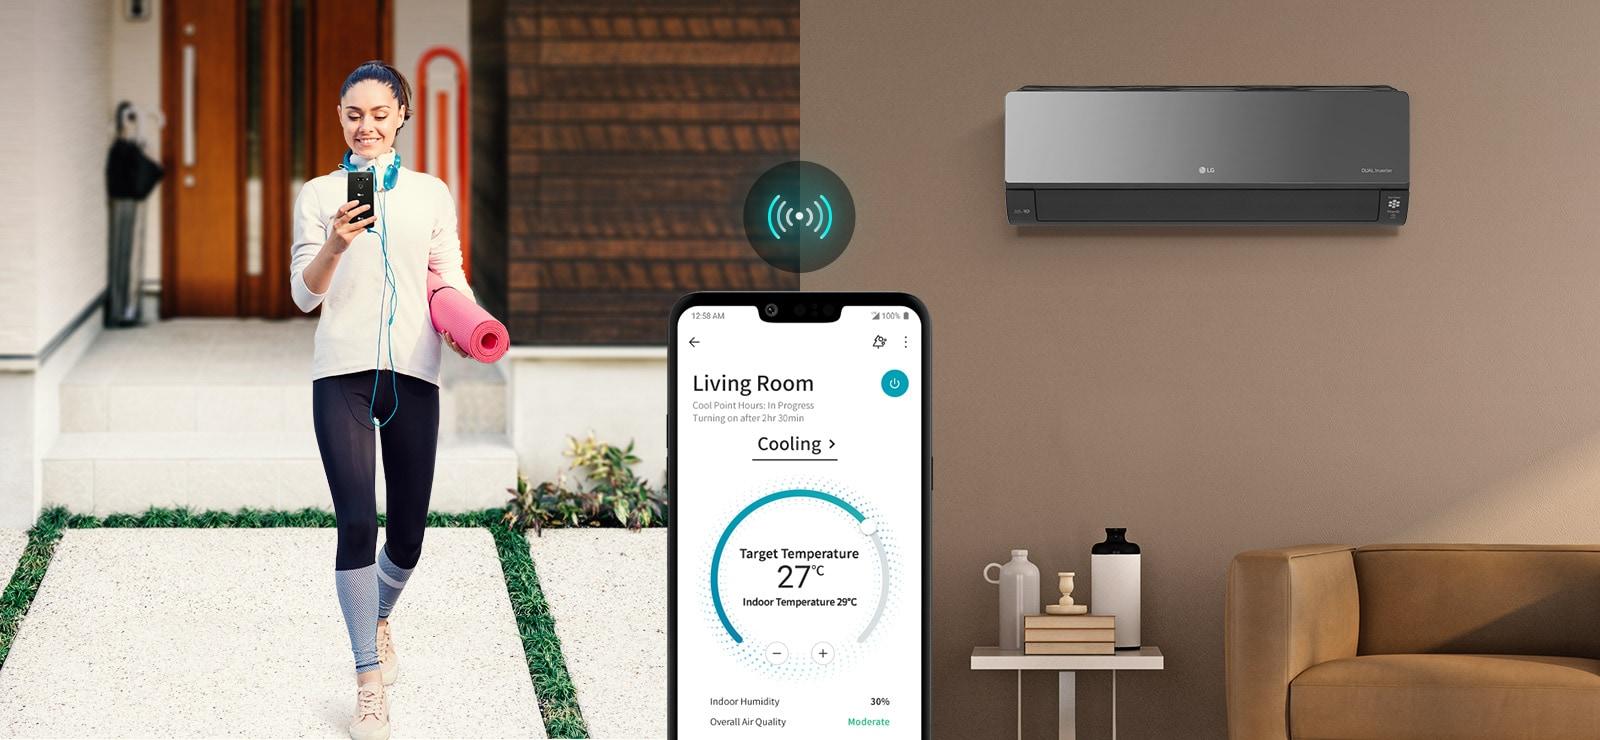 """Tri ikone na vrhu označavaju da se u rotirajućem prikazu nalaze tri slike. Druga je ikona s oznakom """"Smart Alert"""" u crvenoj boji. Čovjek sjedi na podu i gleda svoj telefon s pećnicom u pozadini. Na lijevoj strani zaslona nalazi se slika aplikacije ThinQ na zaslonu telefona s ikonom za Wi-Fi iznad nje."""